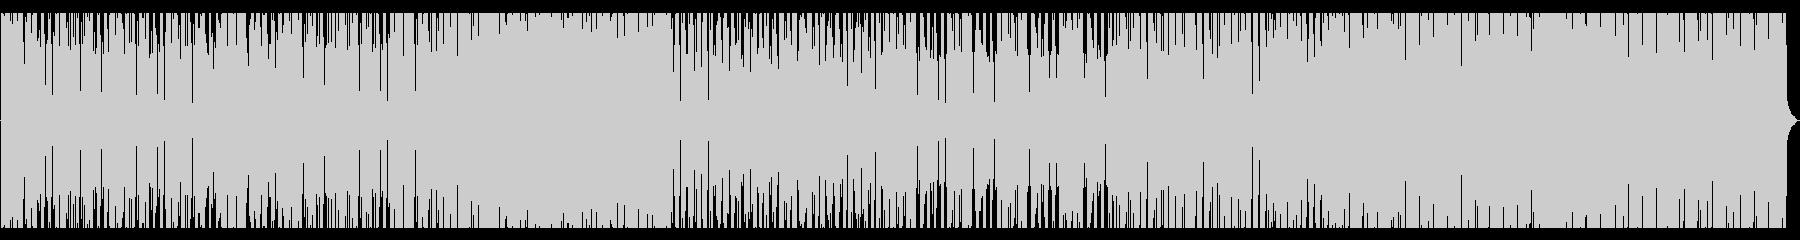 タイト/ノリノリ/ディスコ_No434の未再生の波形